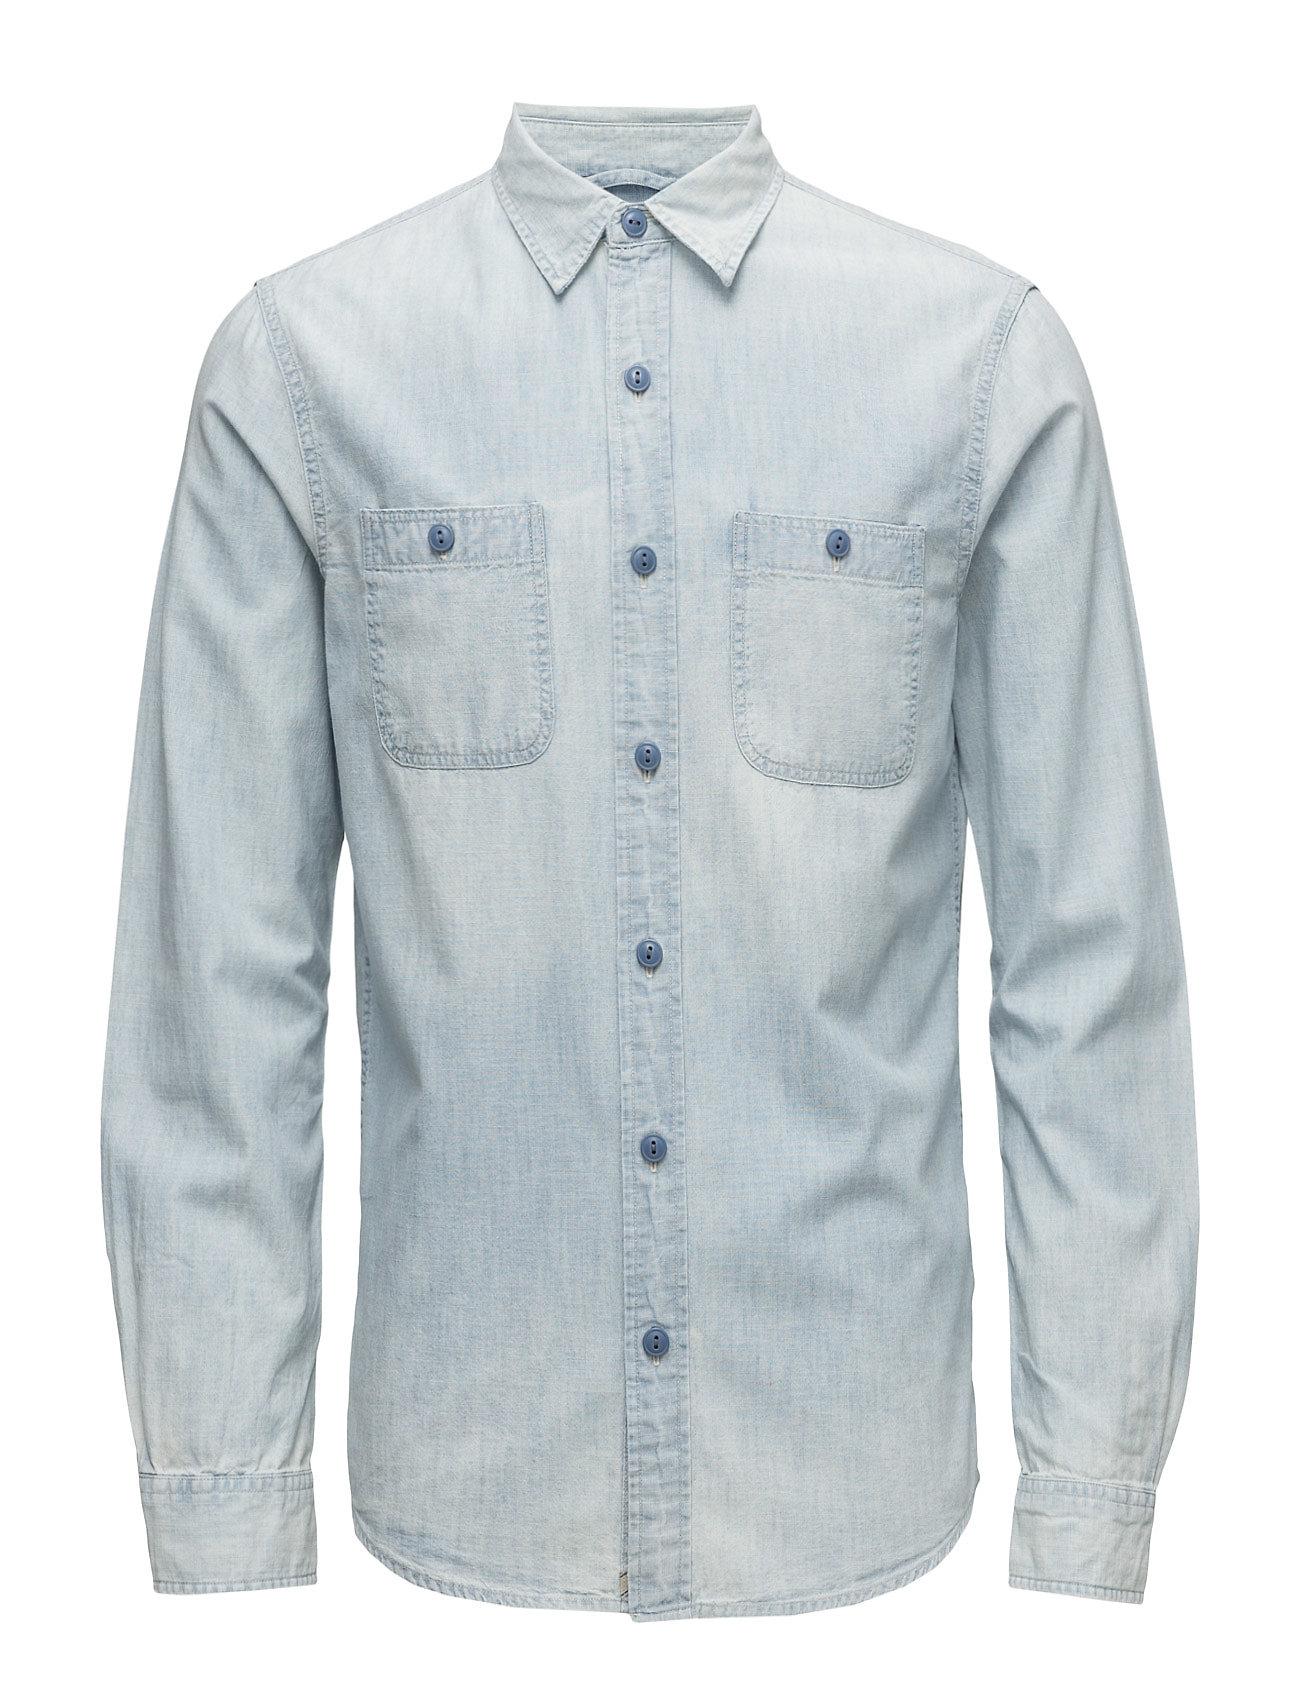 denim supply ralph lauren indigo cotton workshirt - Ralph Lauren Indigo